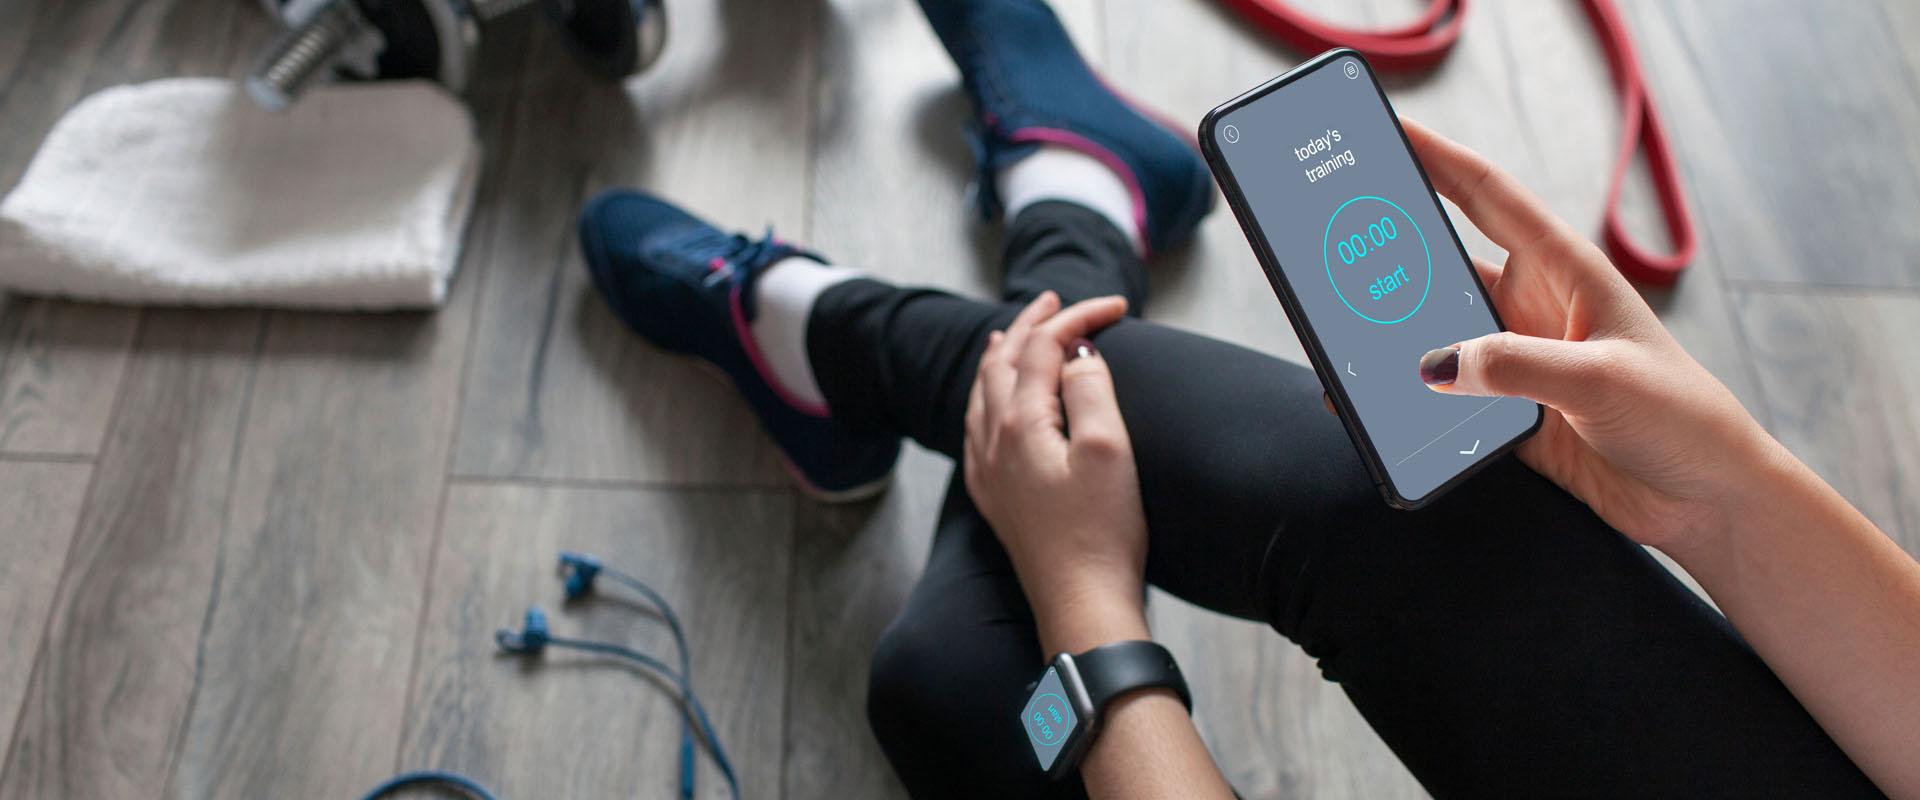 ¿Cuál es la mejor app para hacer ejercicio en casa?